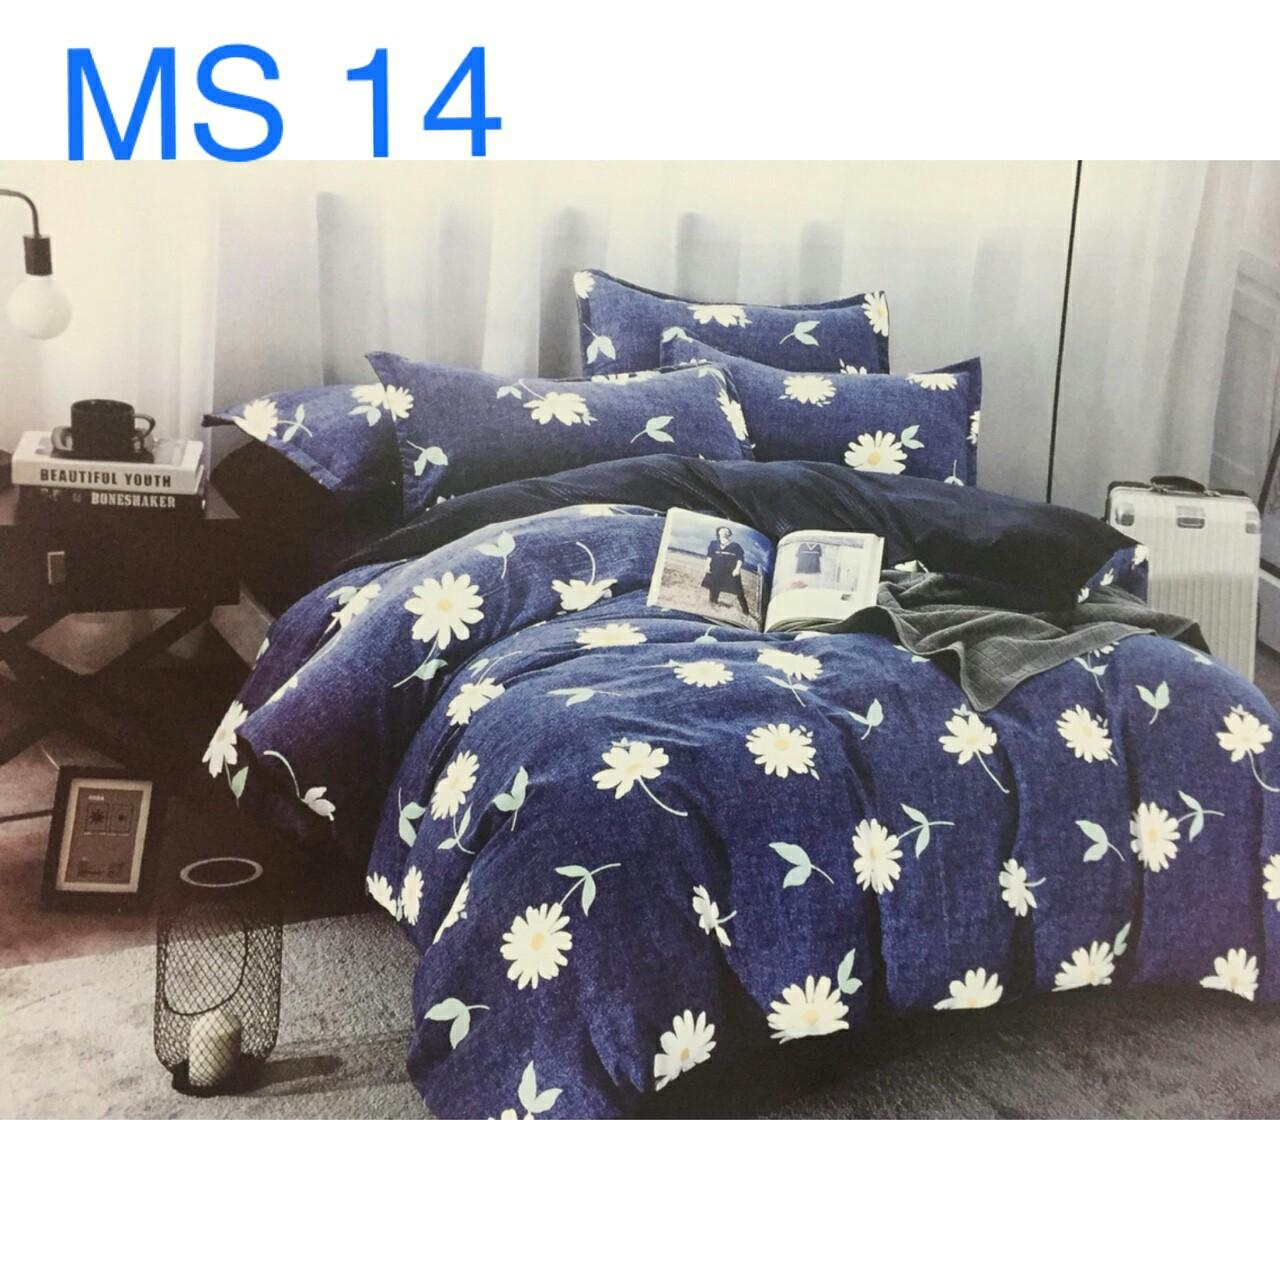 Bộ Chăn Ga Cotton Đũi Loại 2 Hàn Quốc - MS14